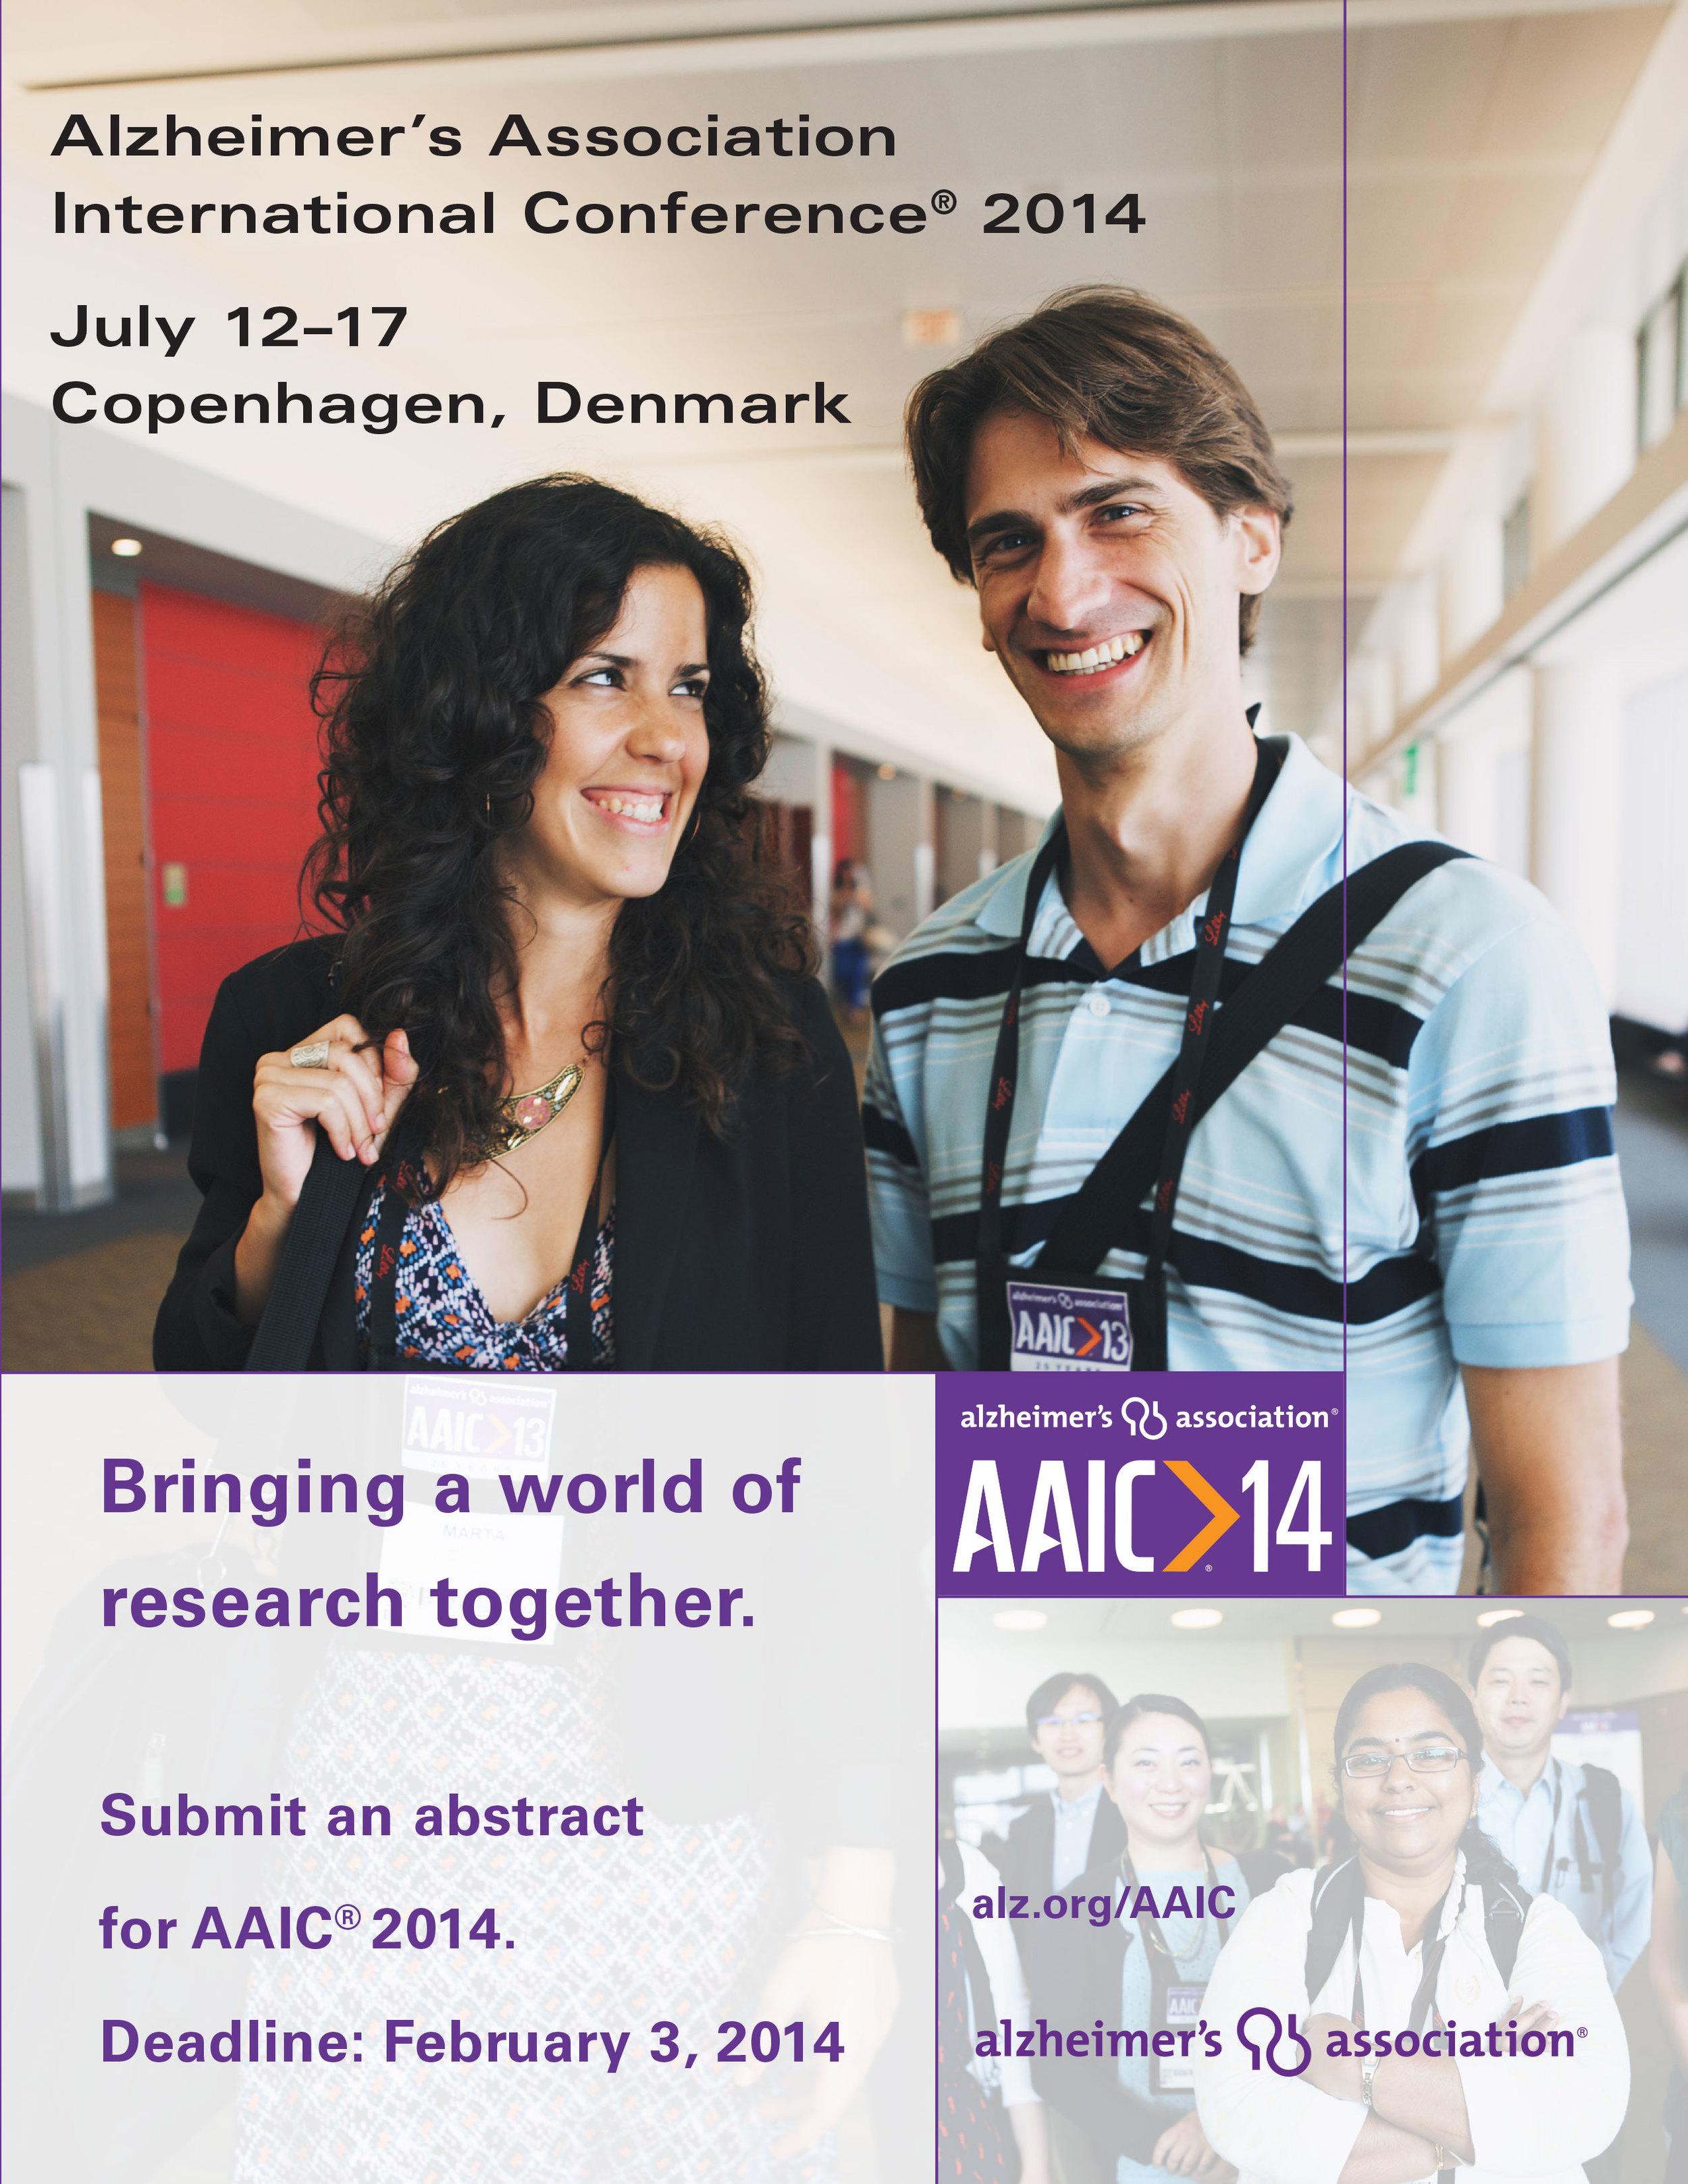 AAIC14 OVERVIEW MAILER